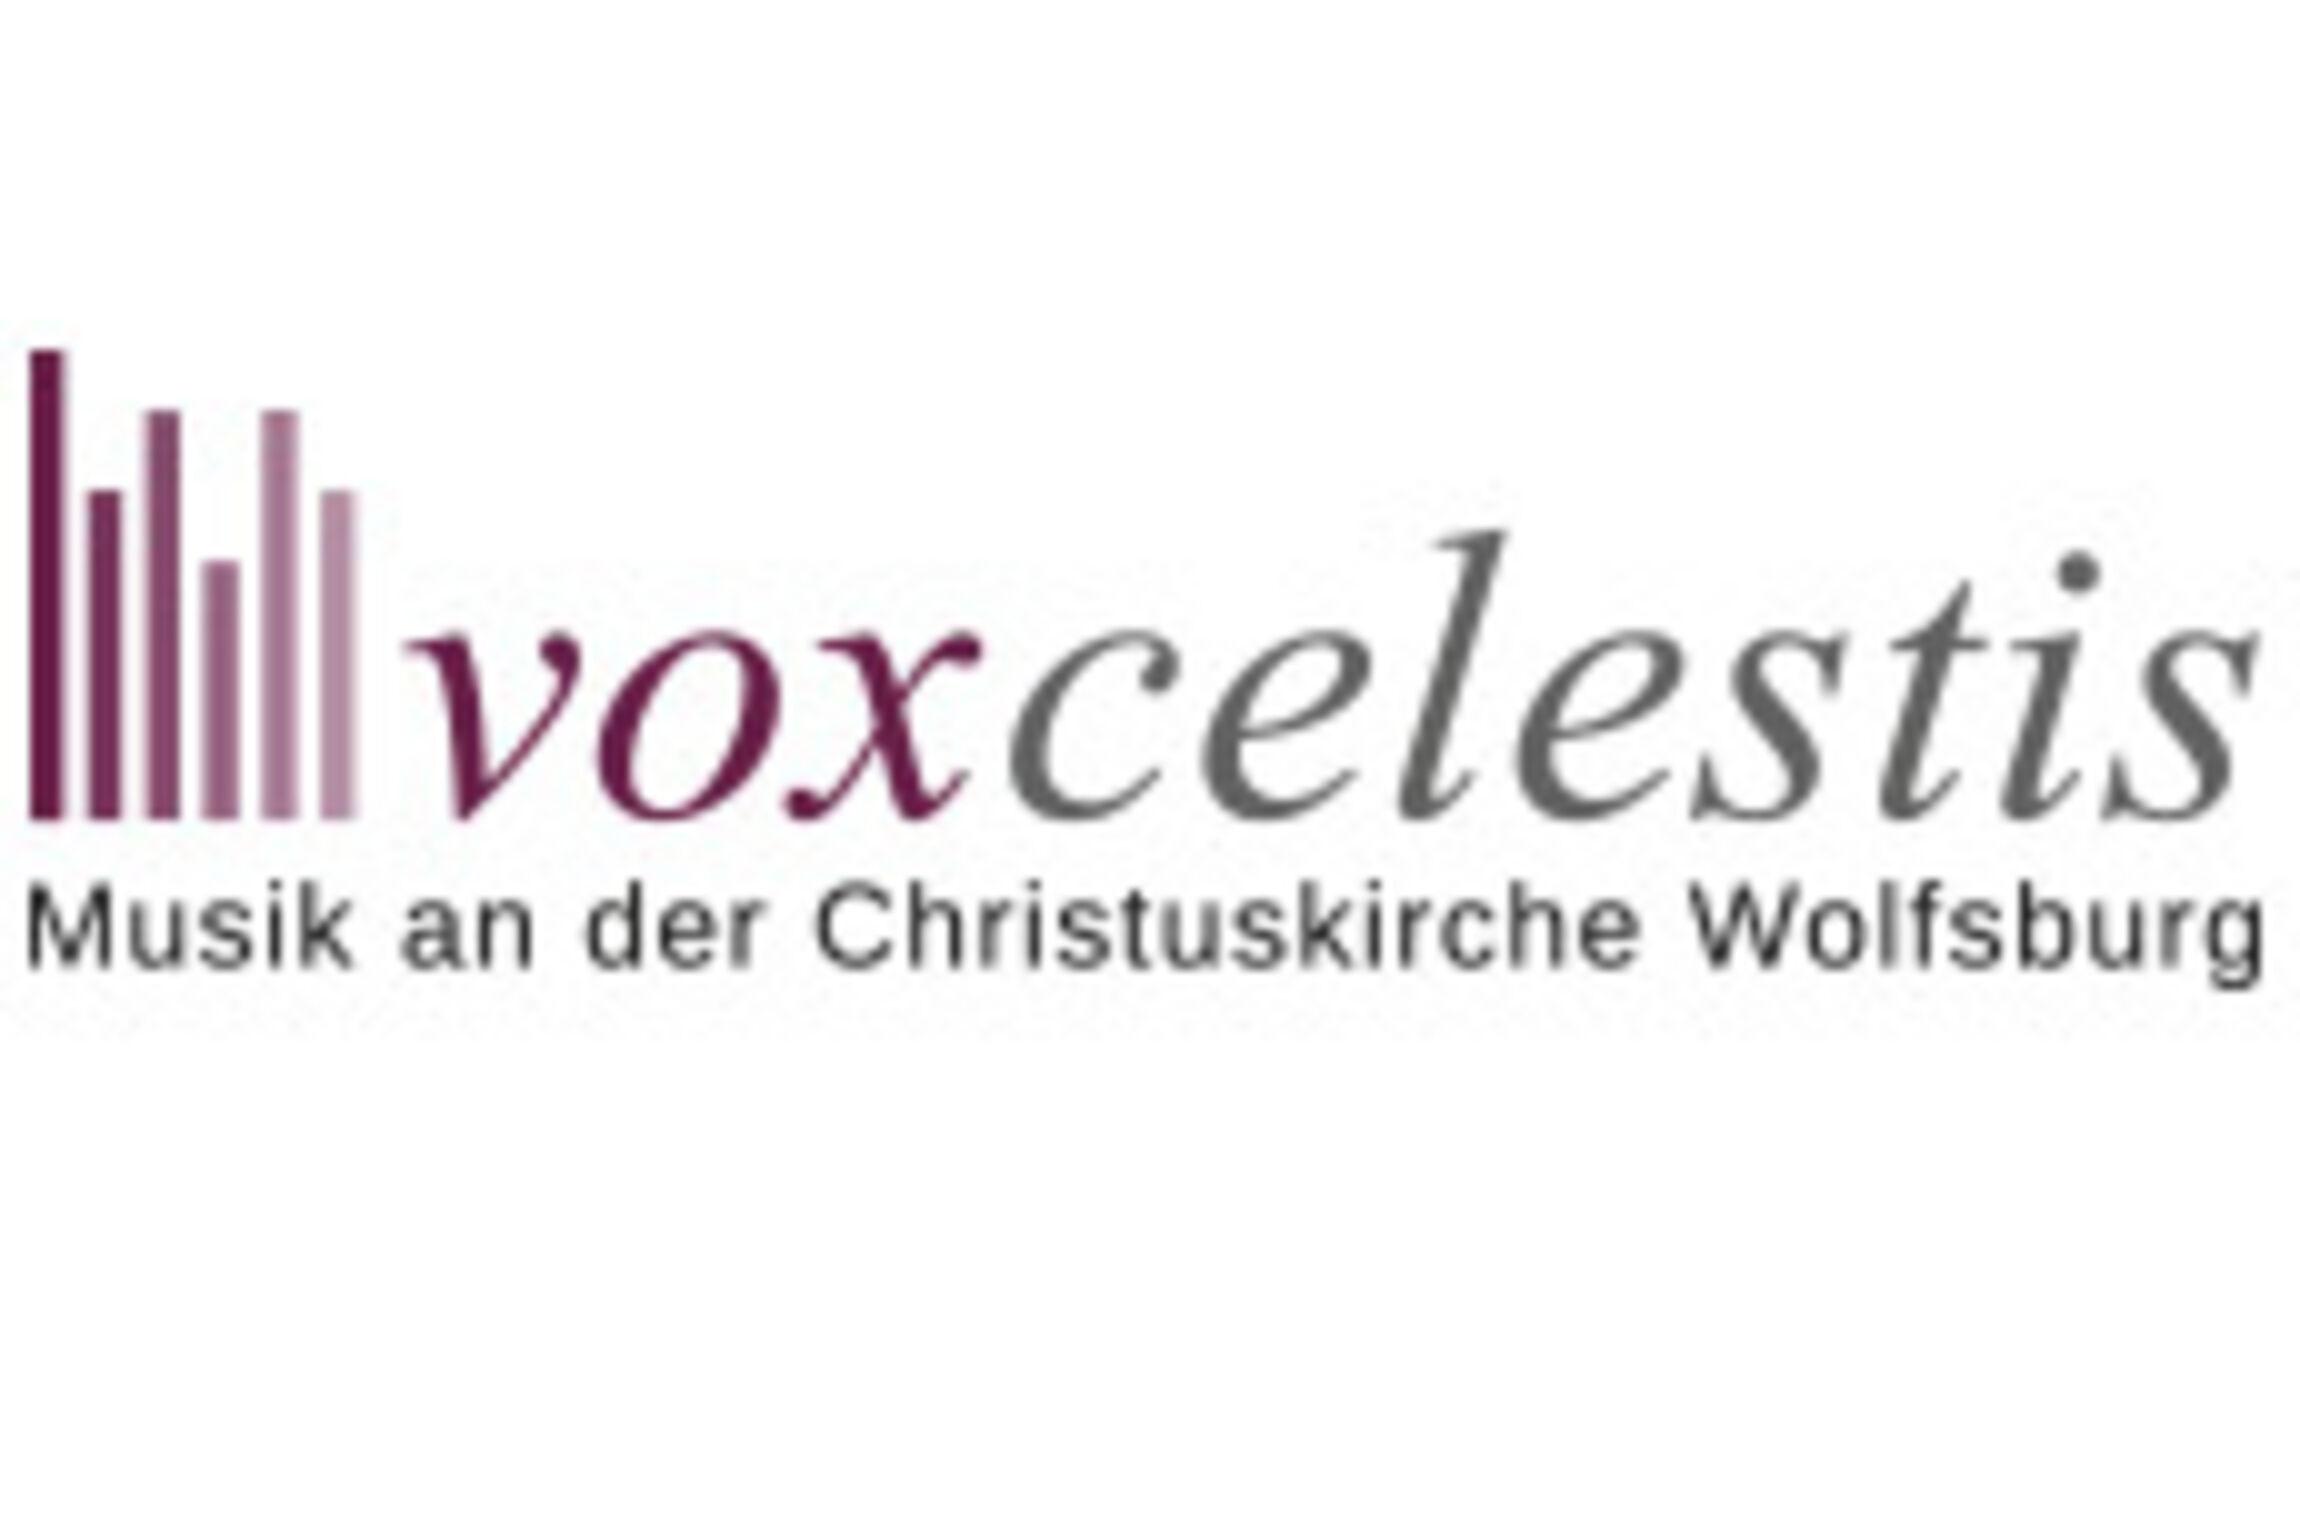 Vox celestis